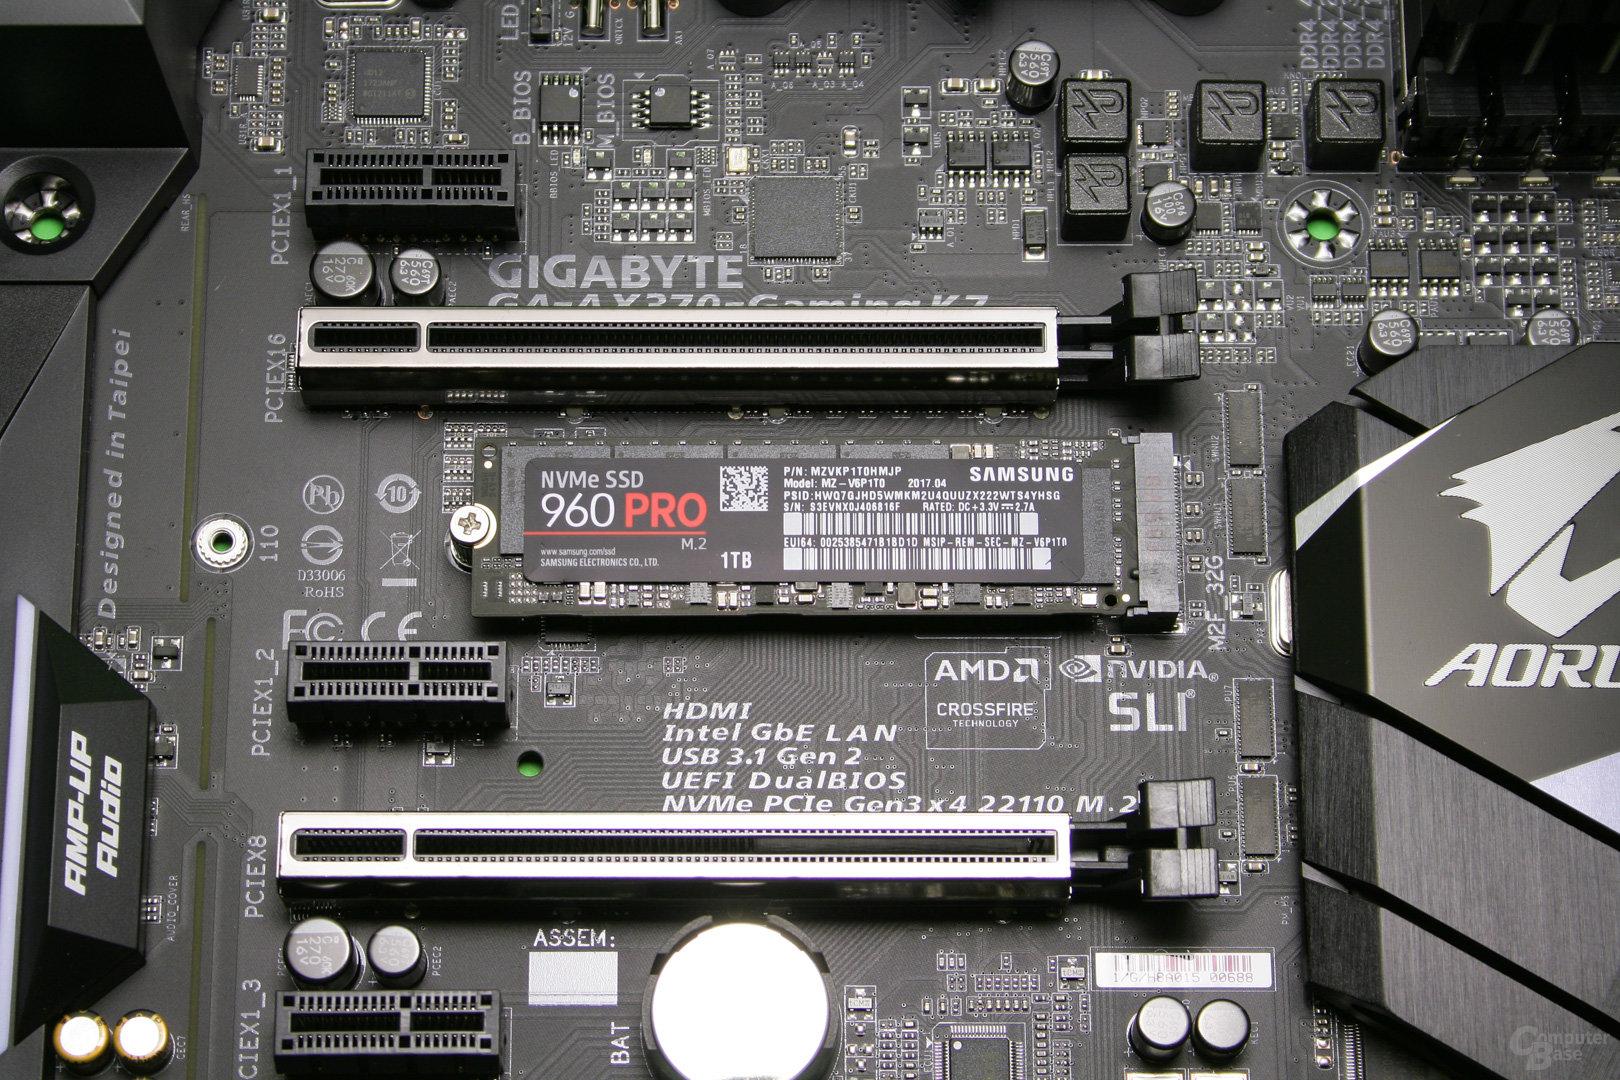 Die SSD wird eingesteckt und durch eine Schraube auf der gegenüberliegenden Seite gesichert